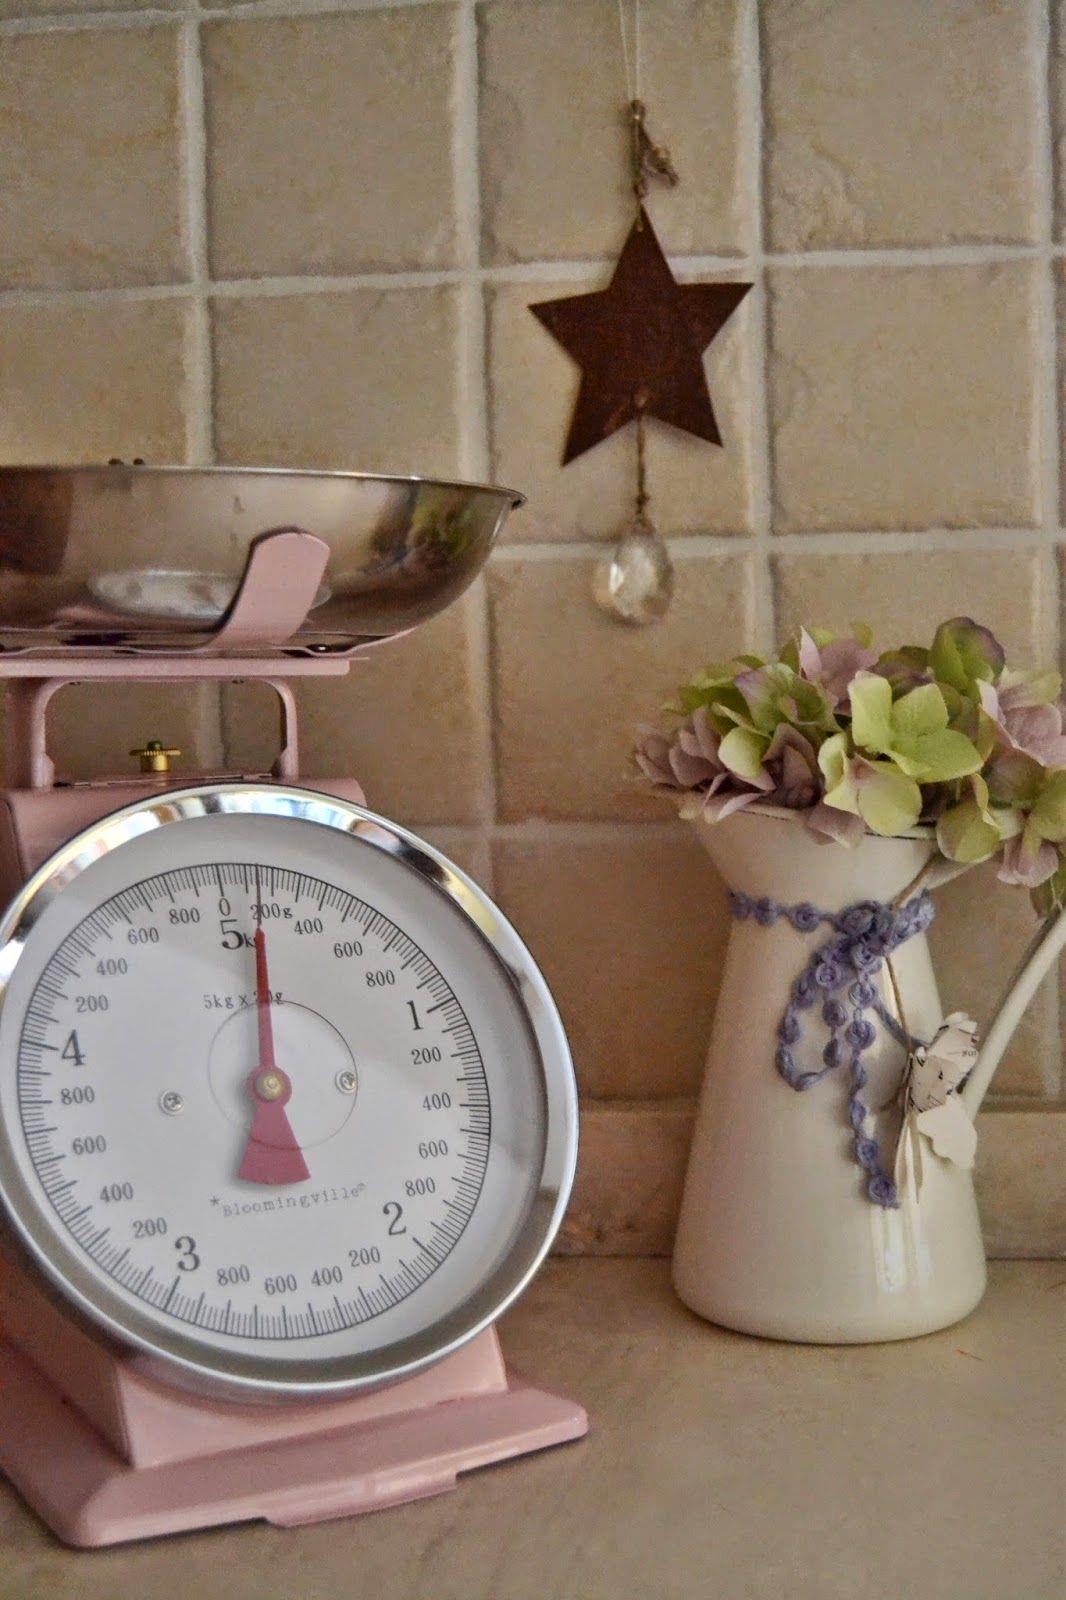 accessori cucina shabby chic - Cerca con Google | Idee per ...